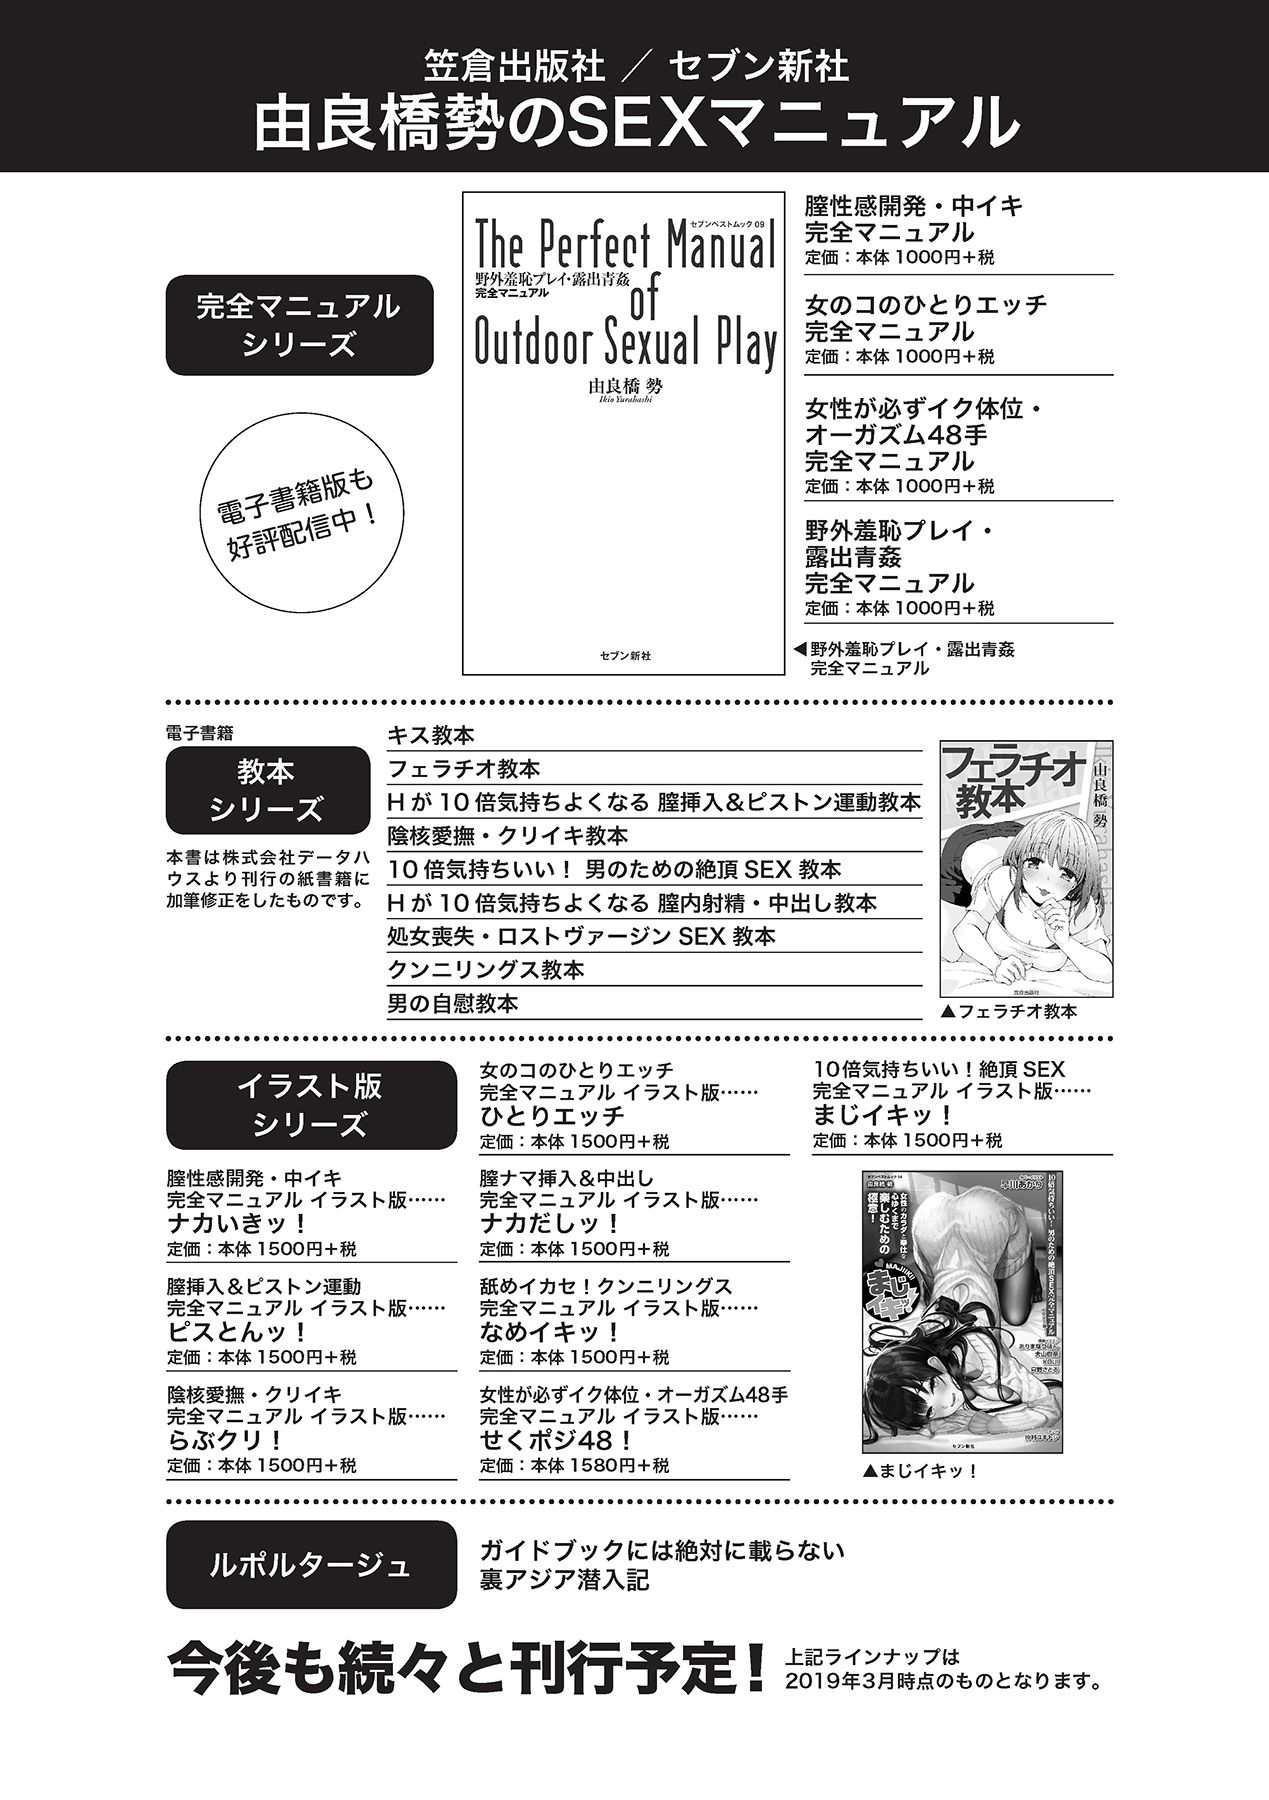 アナル性感開発・お尻エッチ 完全マニュアル 97